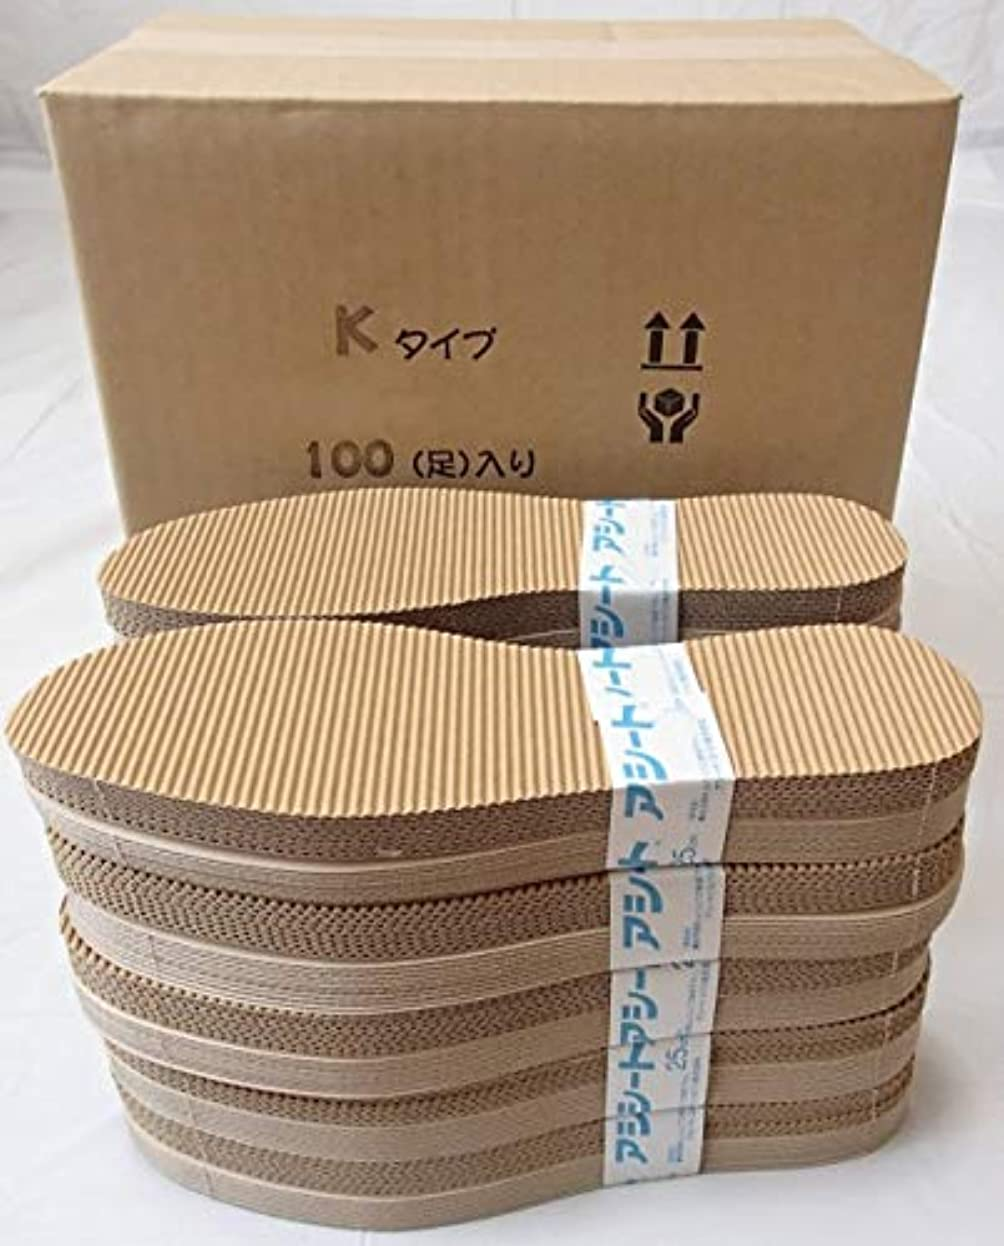 優先自明シリーズアシートKタイプお得用パック100足入り (25.5~26.0cm)